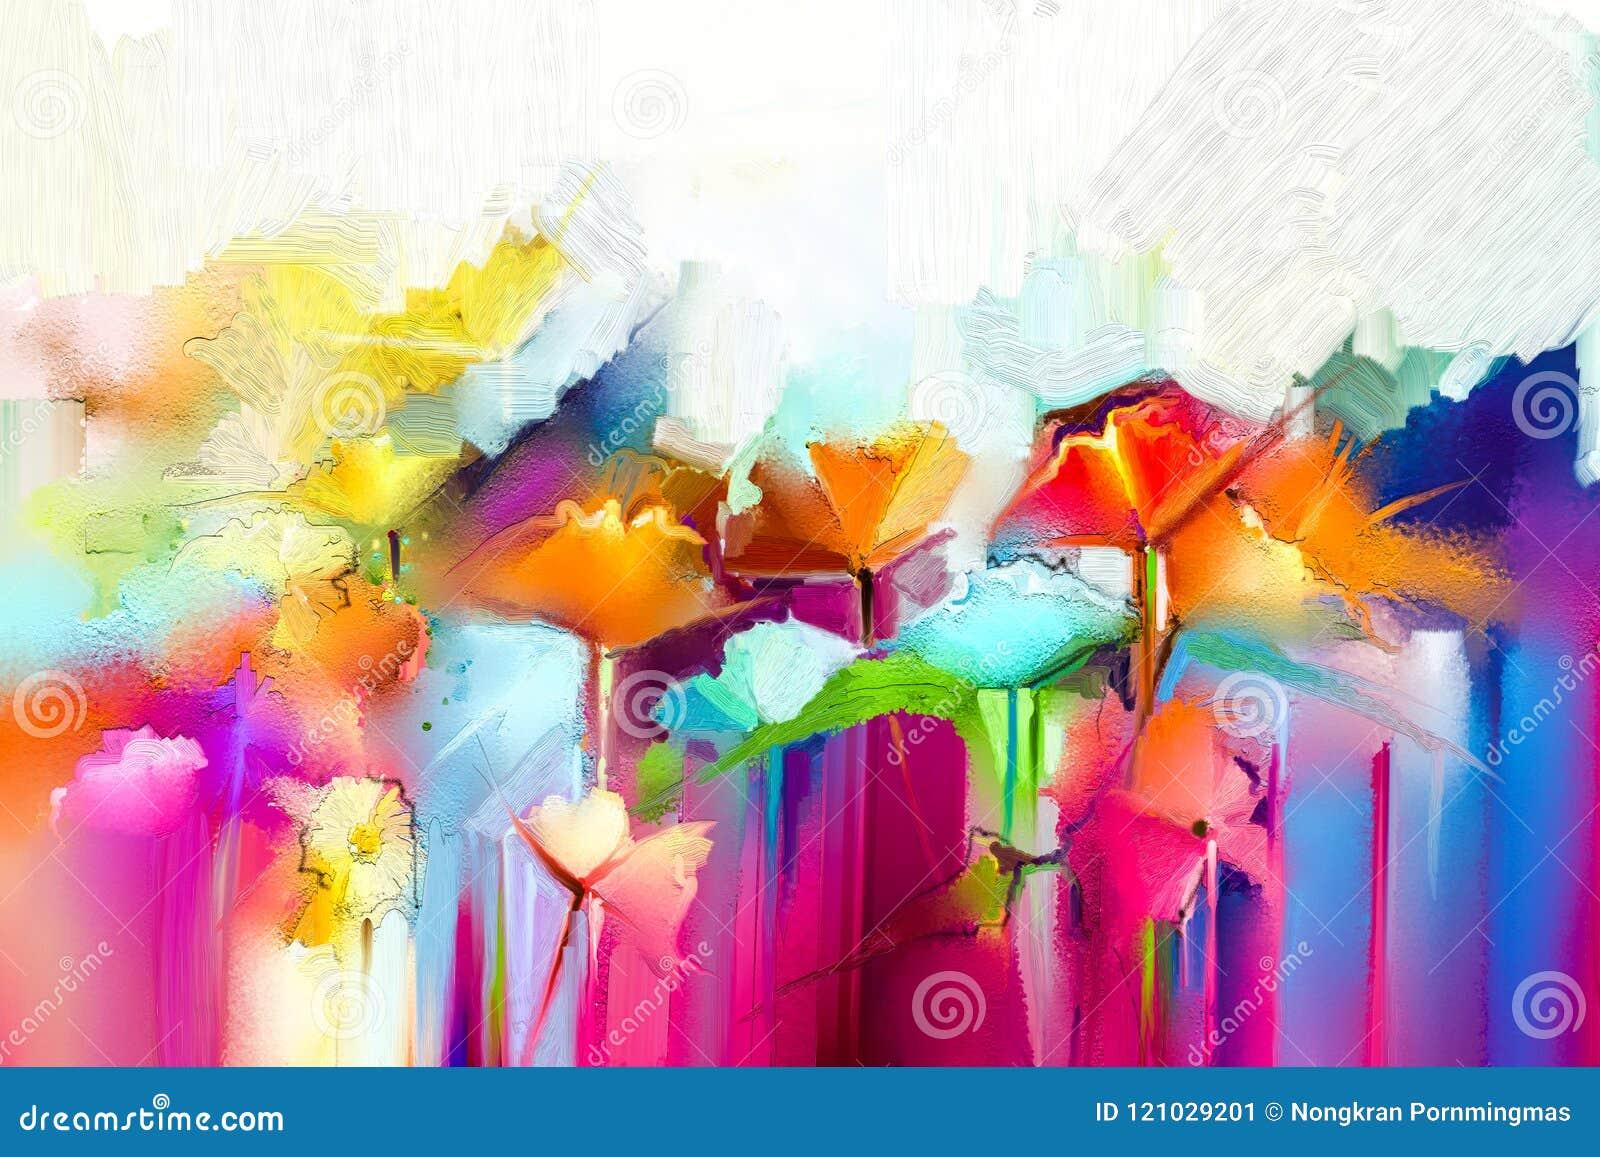 Abstract kleurrijk olieverfschilderij op canvas Semi abstract beeld van bloemen, in geel en rood met blauwe kleur